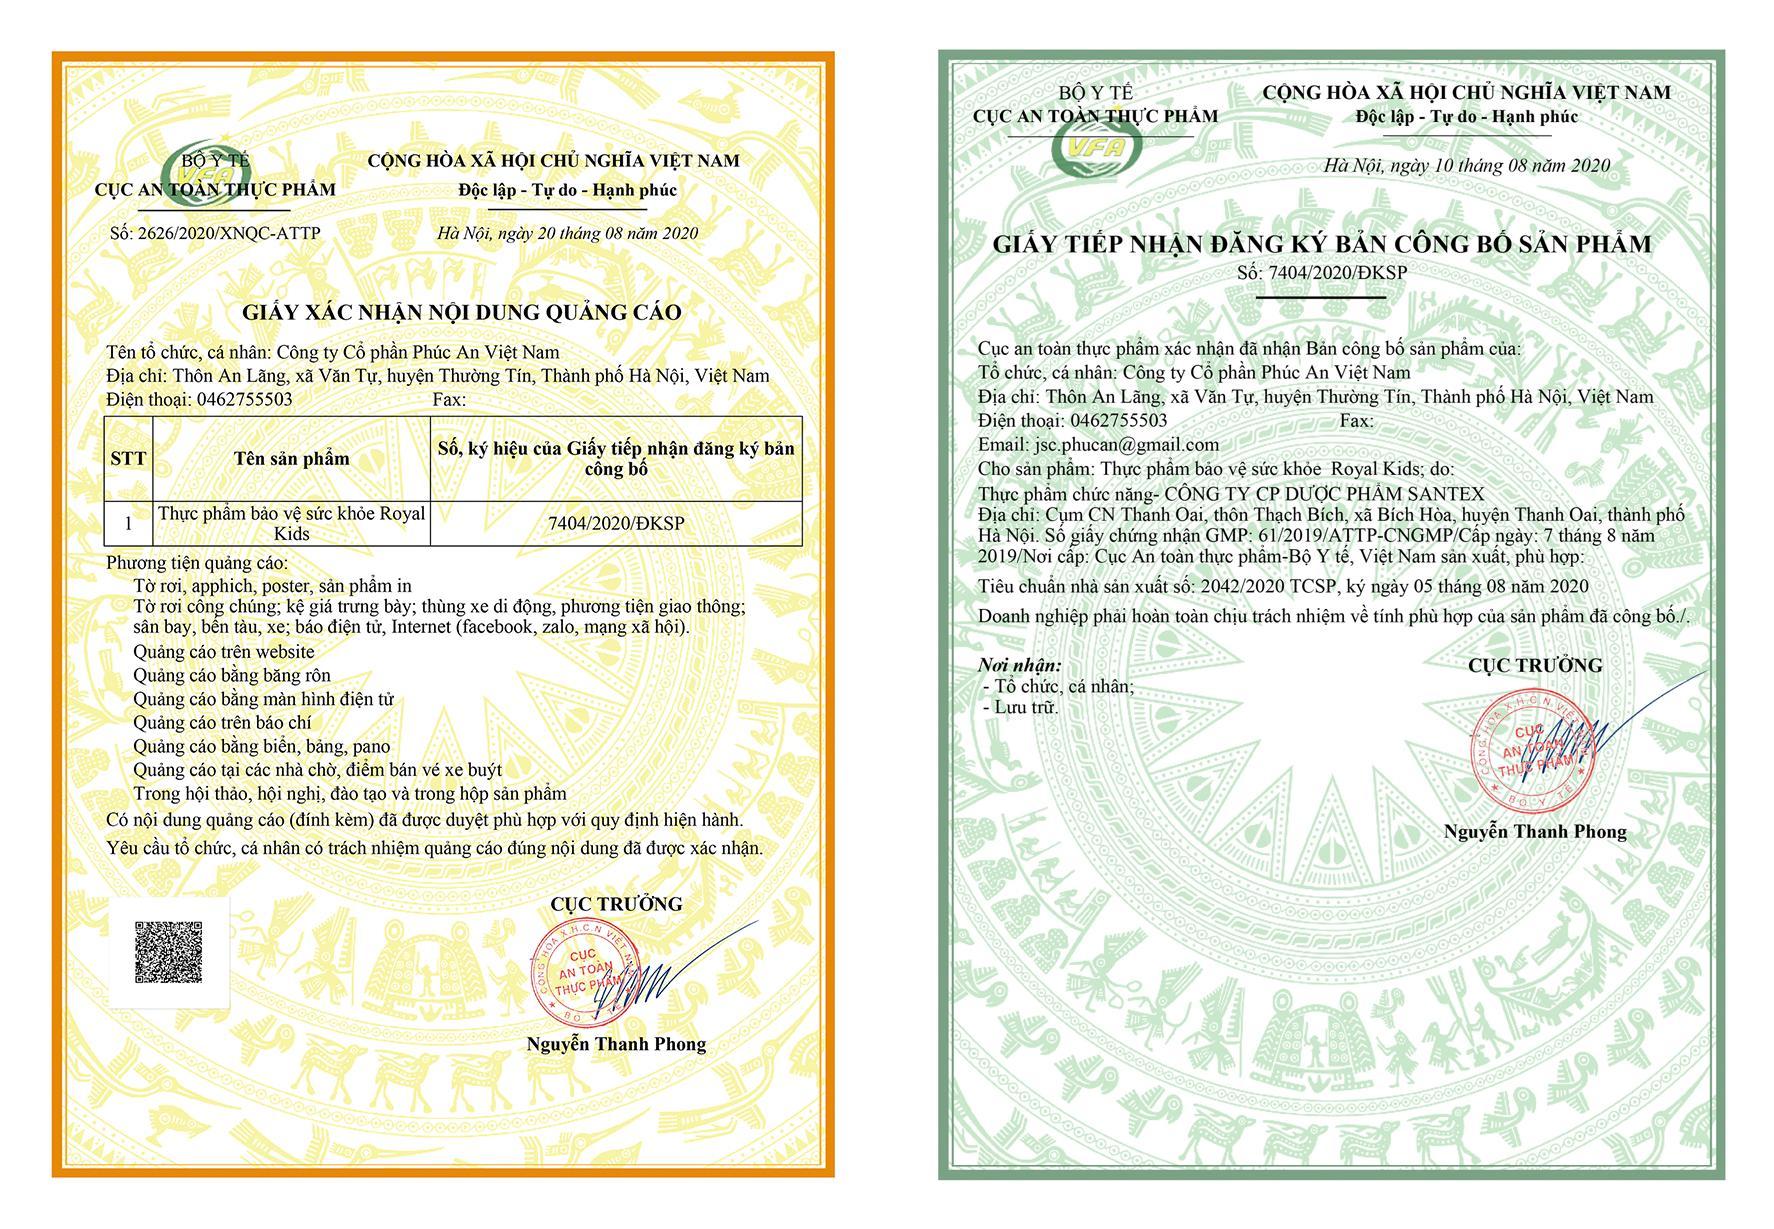 Bộ Y Tế cũng như cục An toàn Vệ sinh Thực phẩm đã cấp giấy chứng nhận an toàn vệ sinh thực phẩm cho Royal Kids